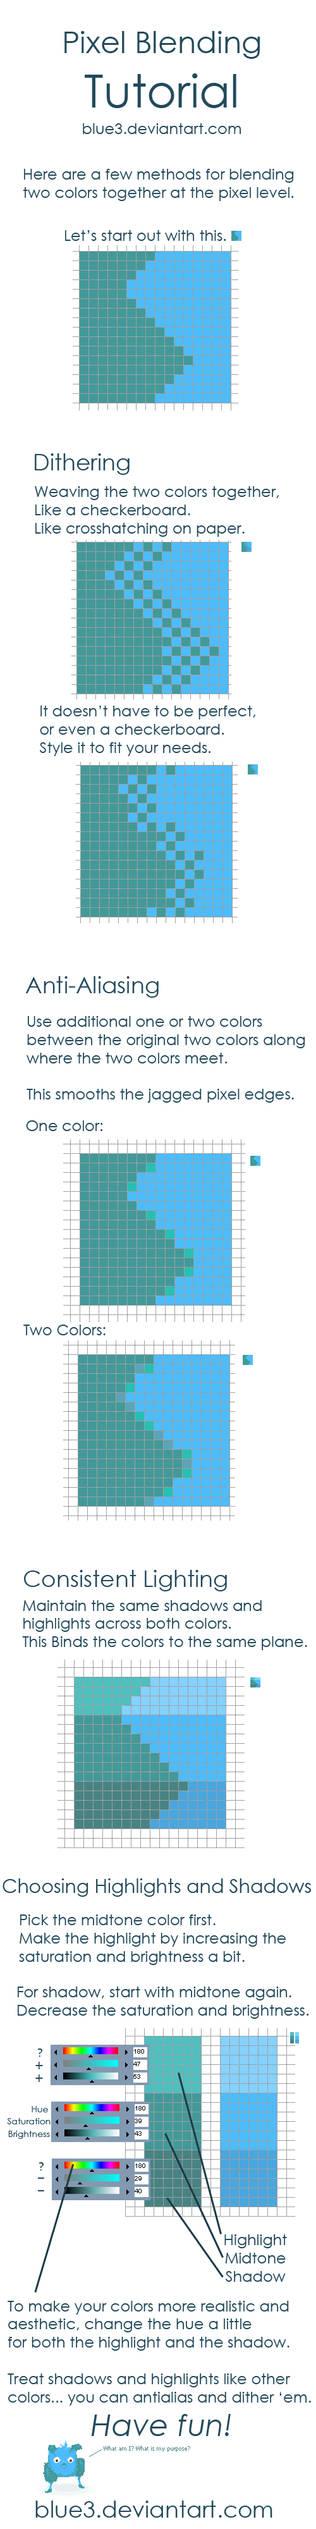 Pixel Blending + Shading Tips